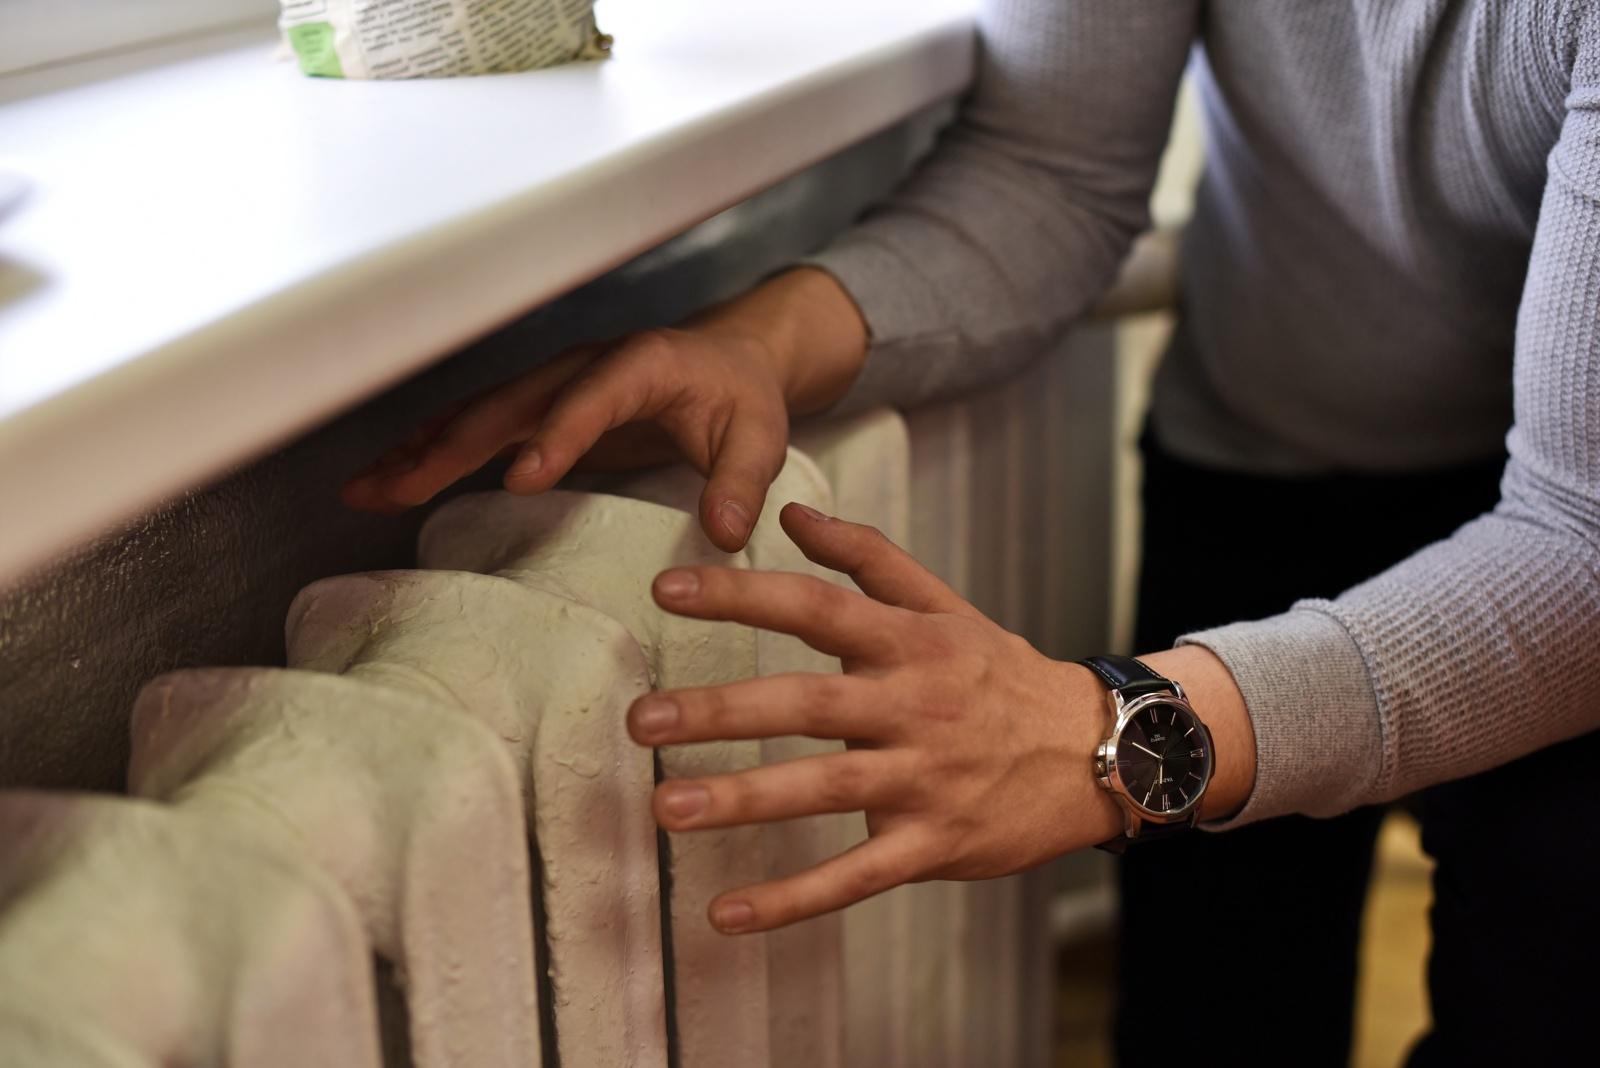 Šilumos tiekėjai: sunkumų patiriantiems gyventojams atsiskaitymų galimos lengvatos